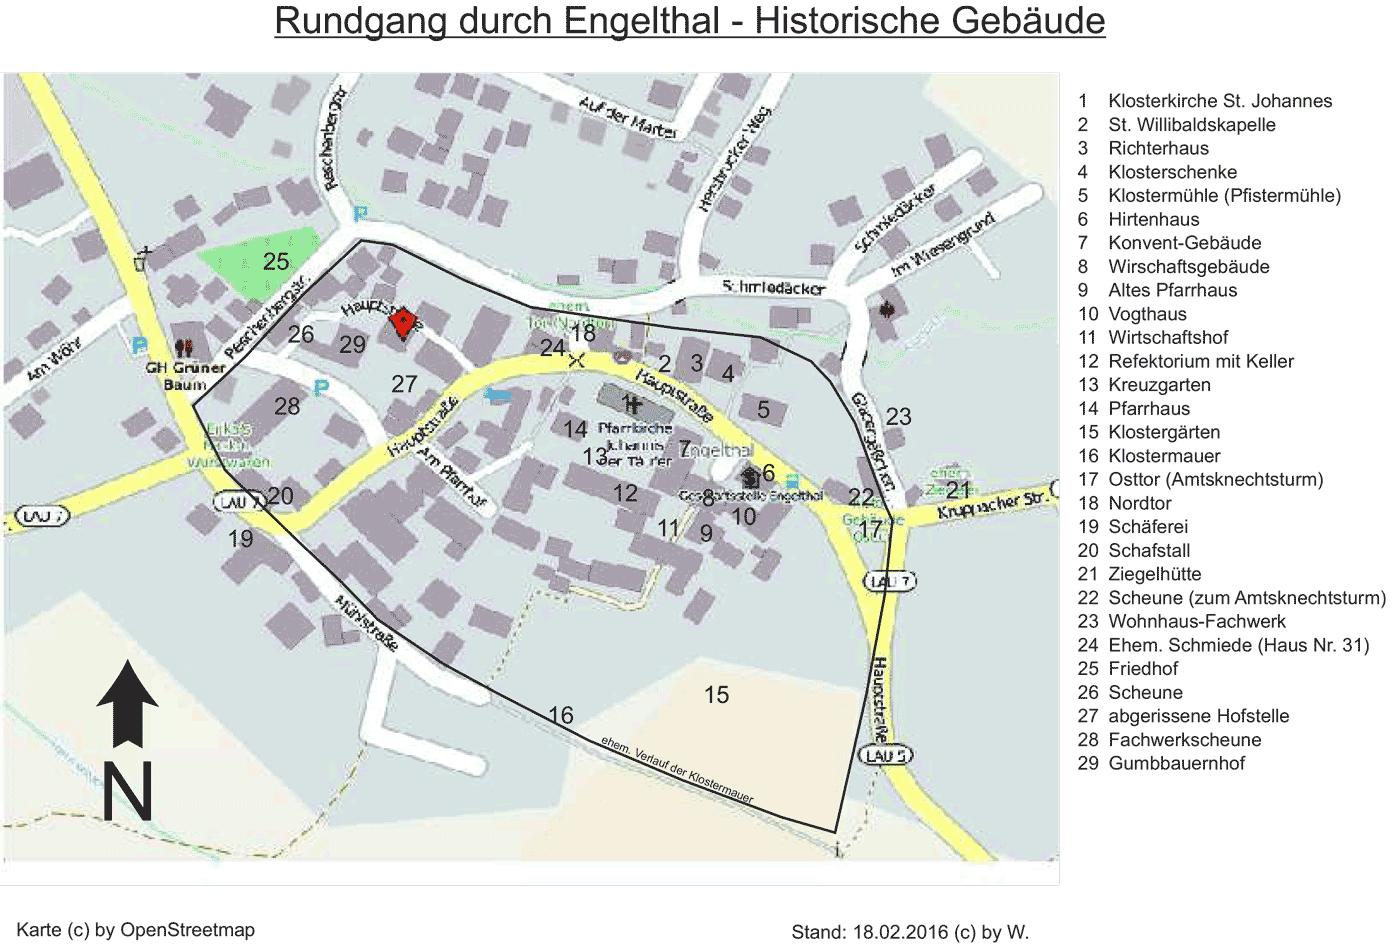 Karte historischer Gebäude